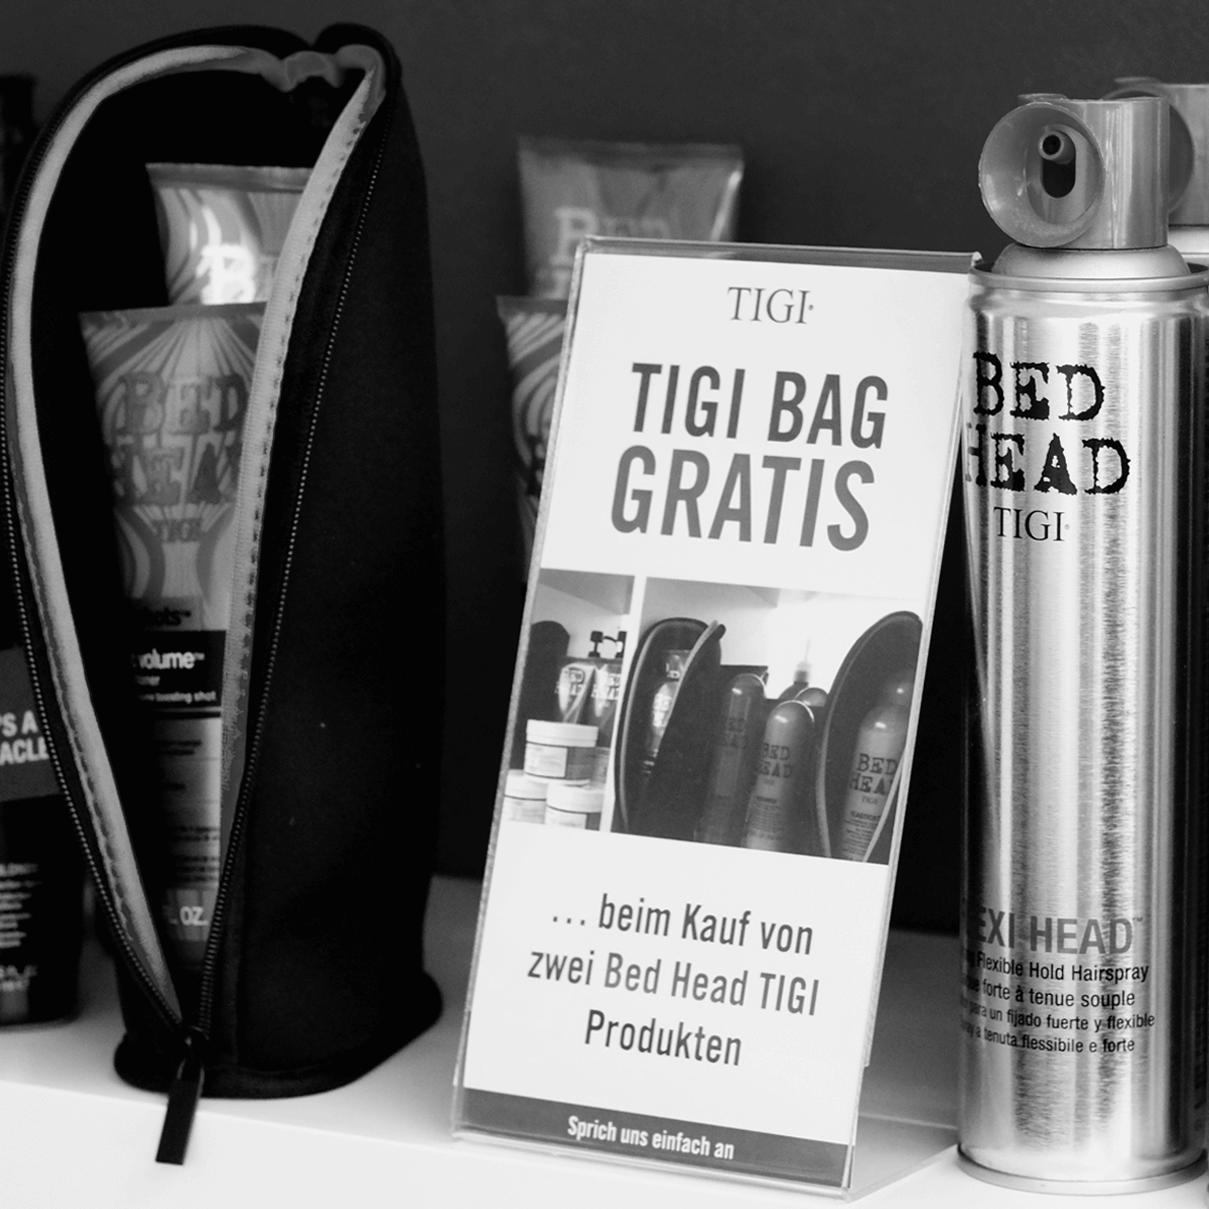 Zwei Bed Head TIGI Produkte kaufen und einen TIGI BAG gratis bekommen